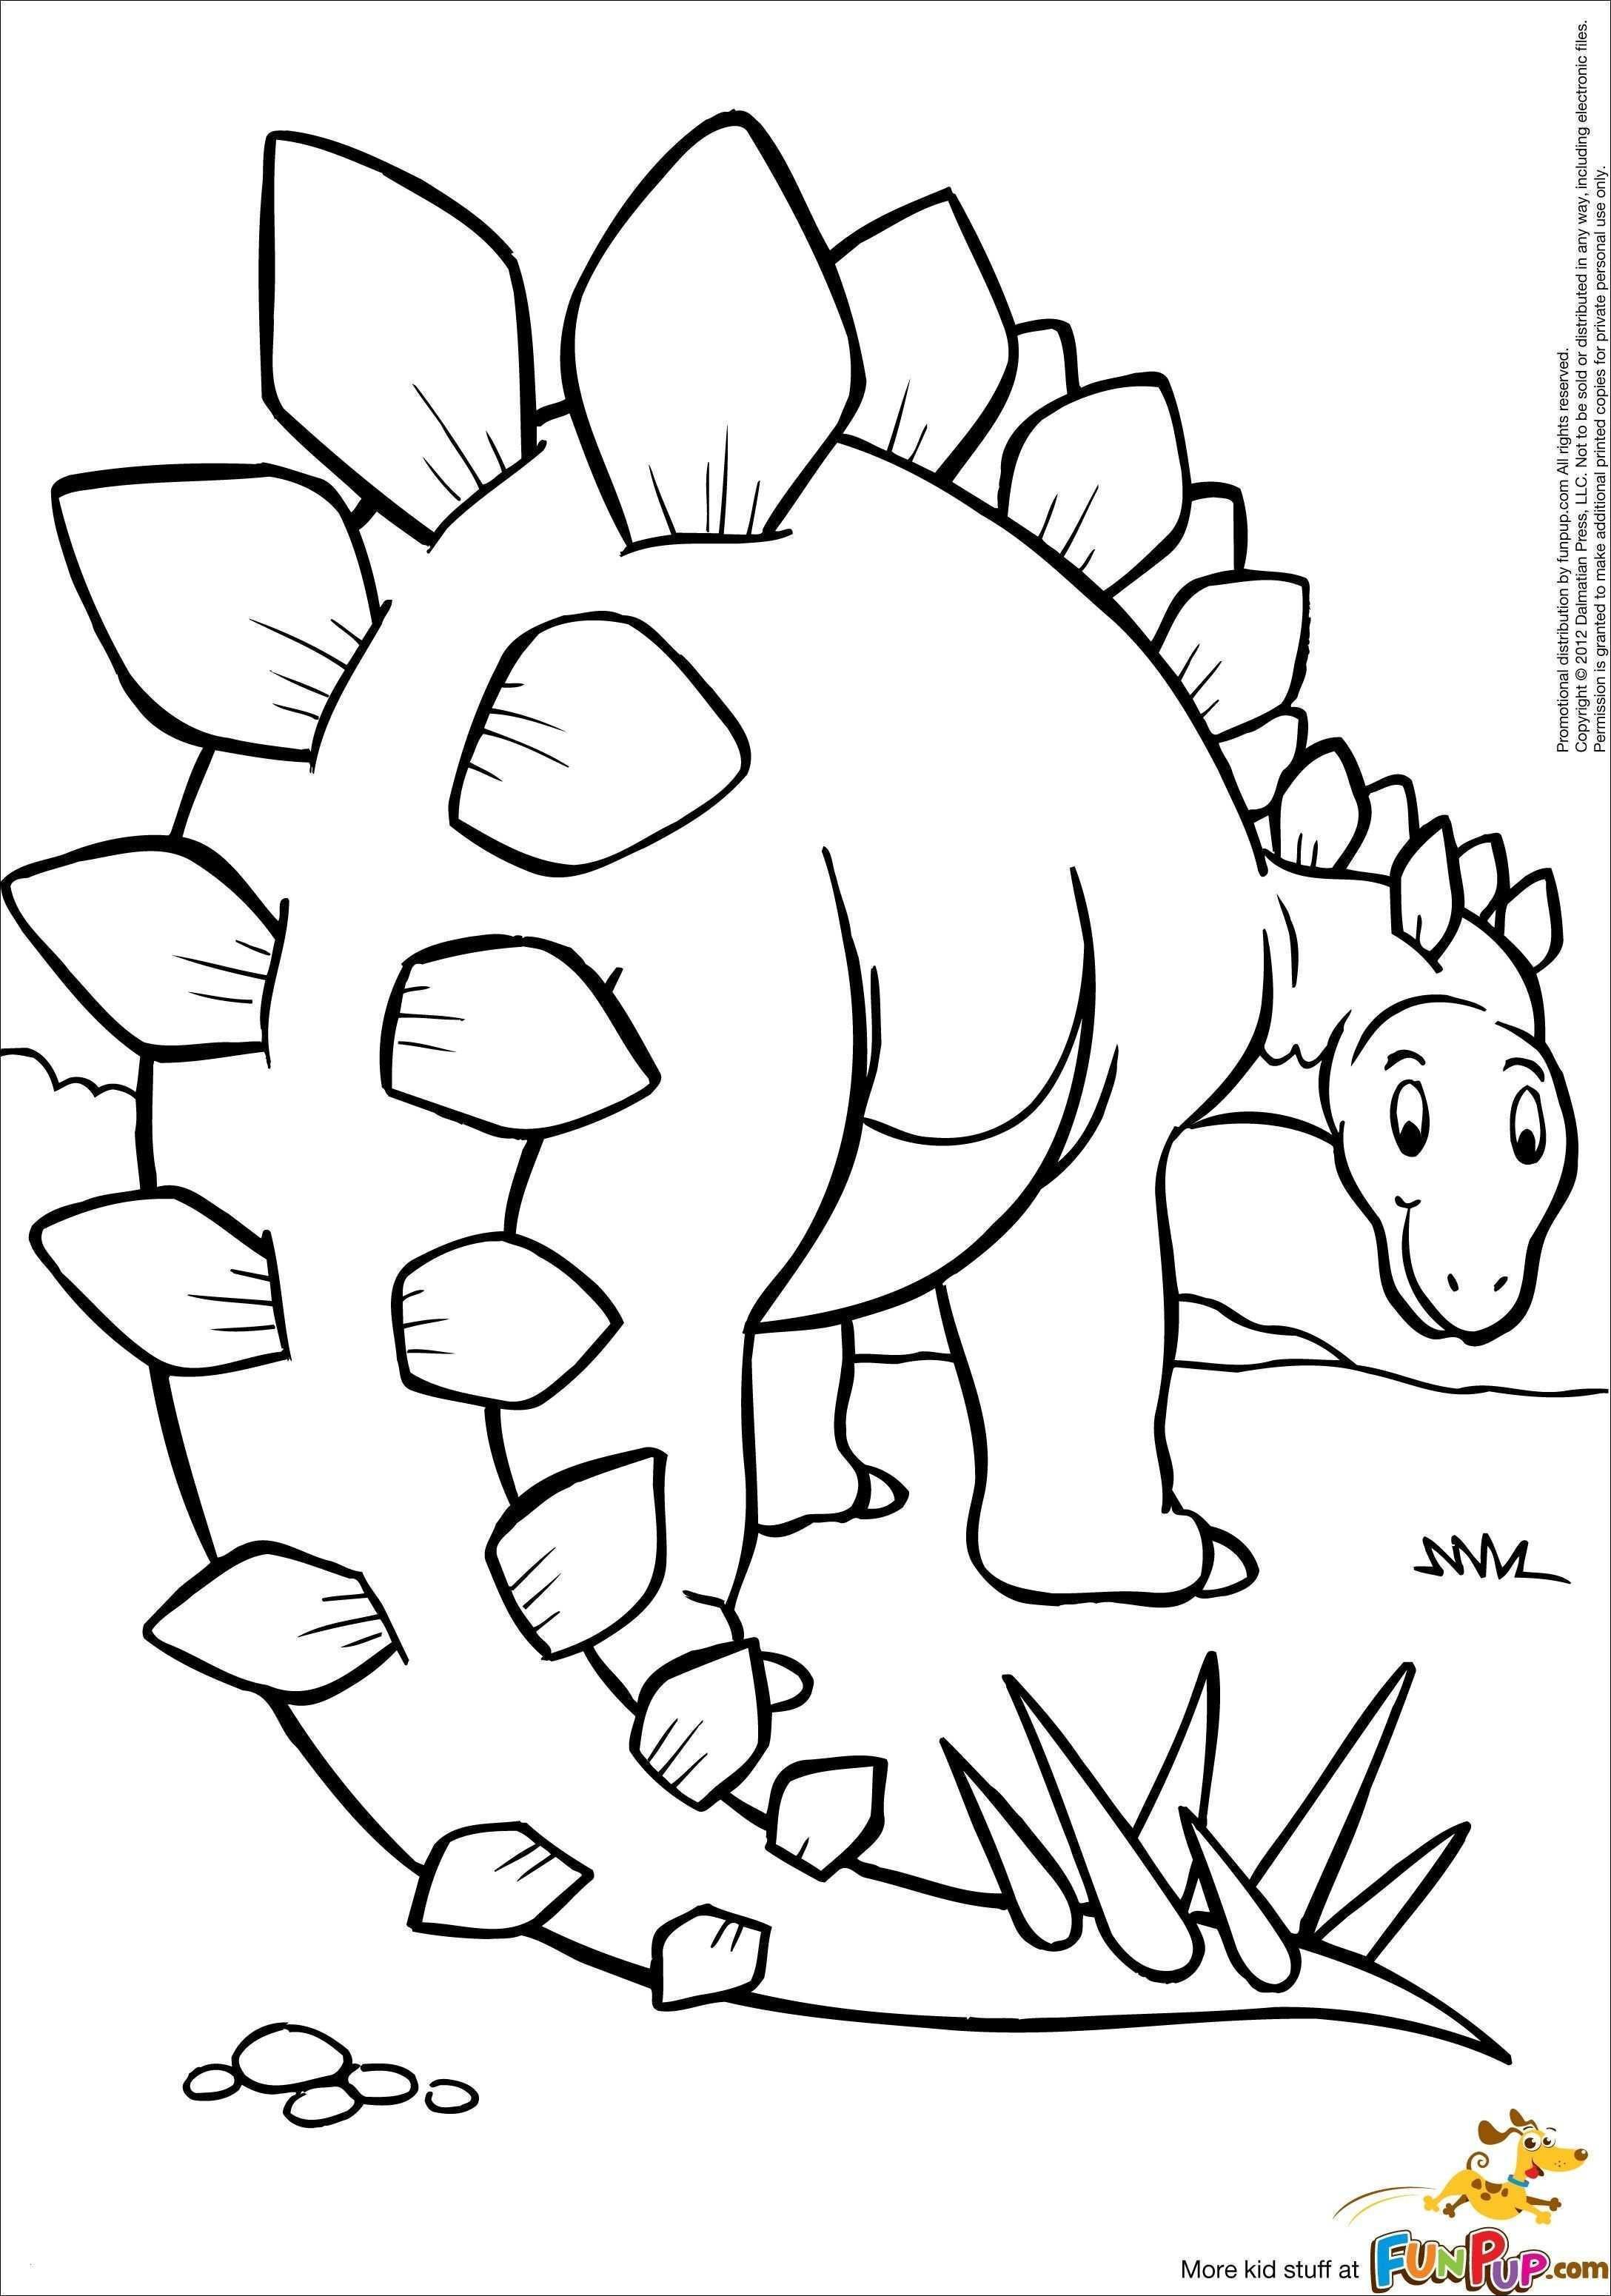 T Rex Ausmalbild Genial T Rex Ausmalbilder Vorstellung 40 Malvorlagen Minions Bob Galerie